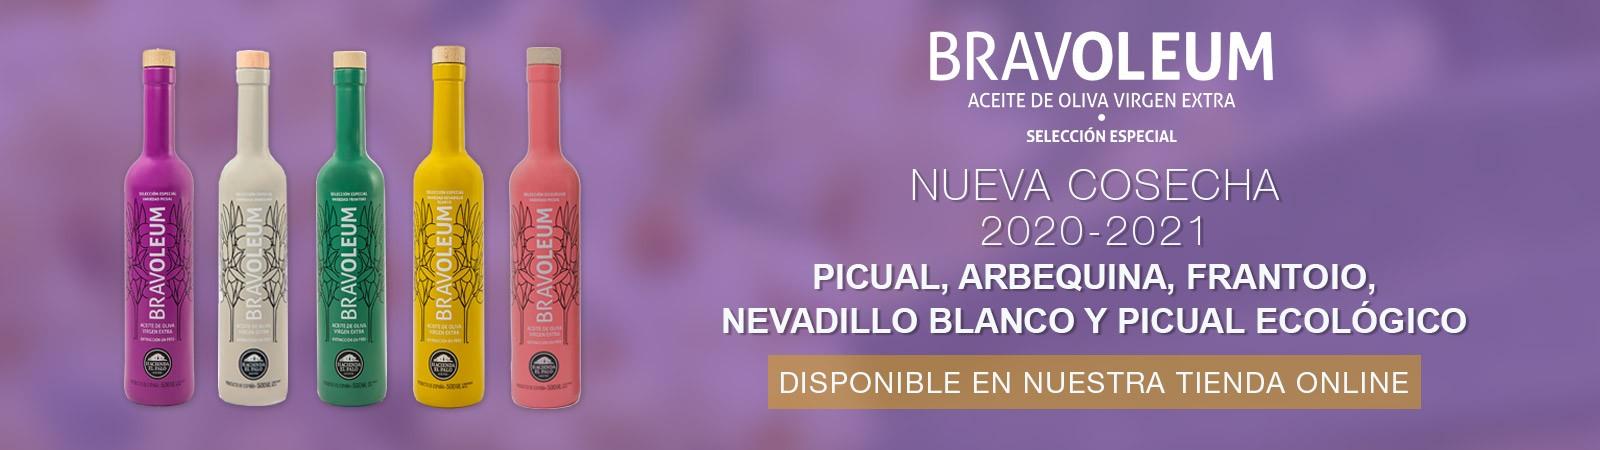 Nuevos productos Pez&Co con AOVE Bravoleum